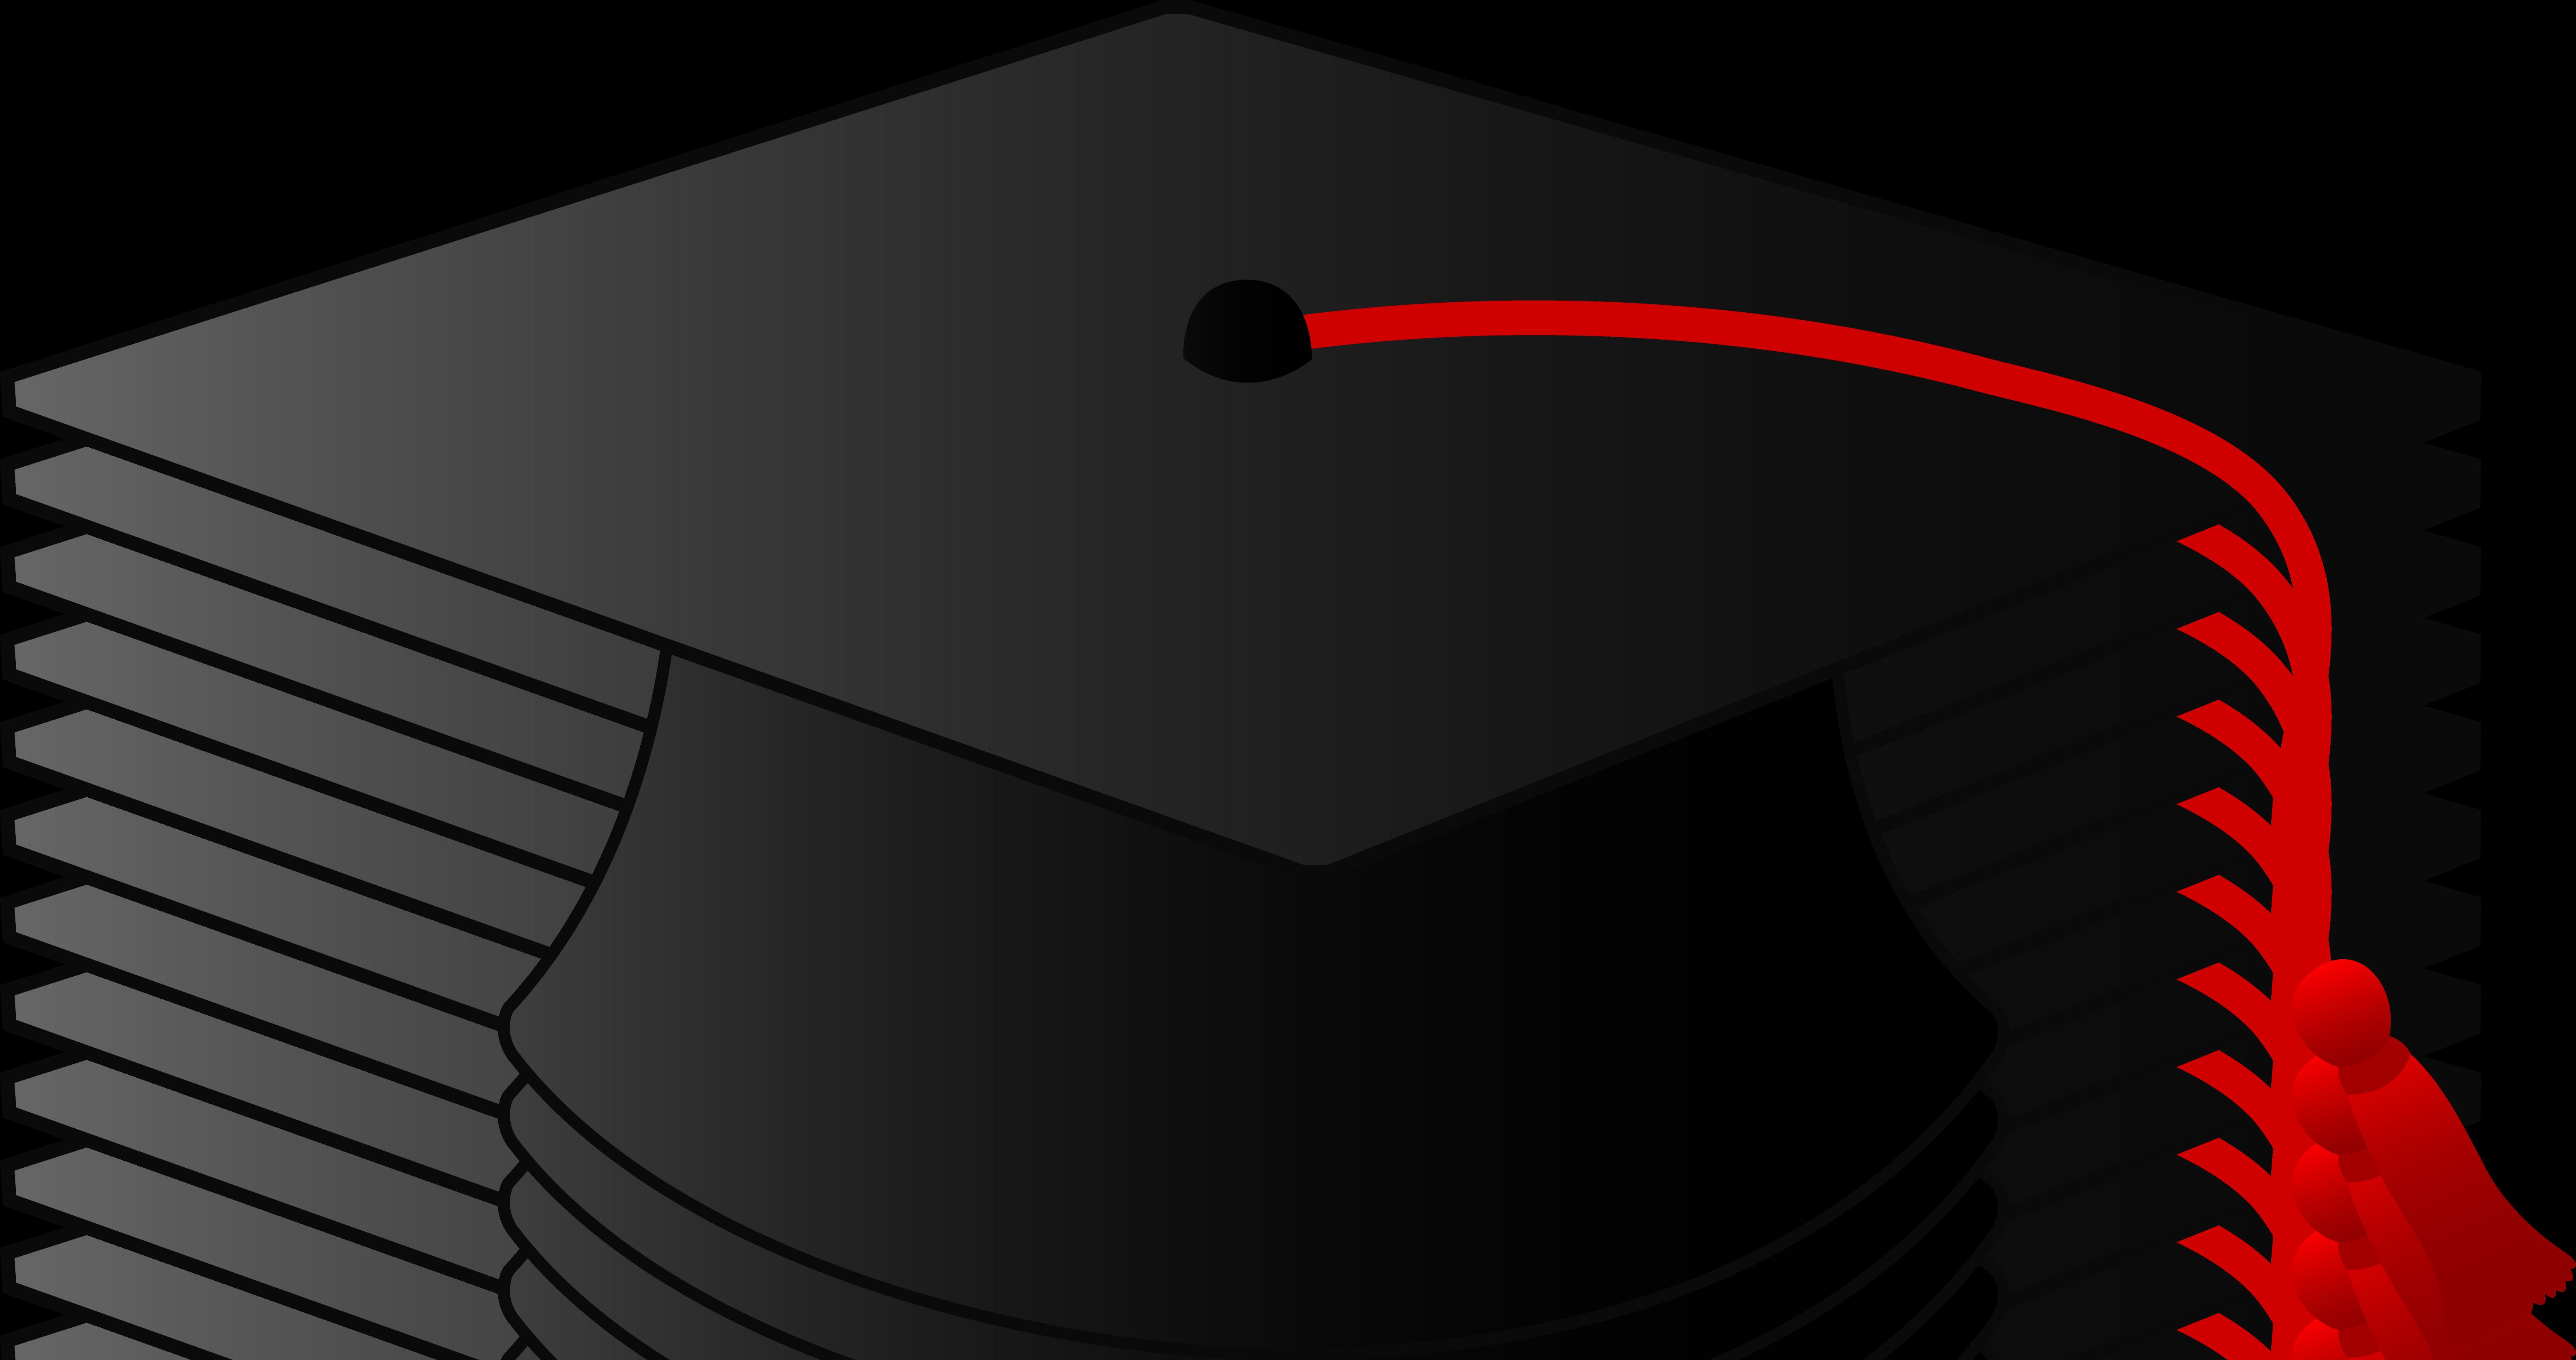 Graduation Hat Tassel Clipart